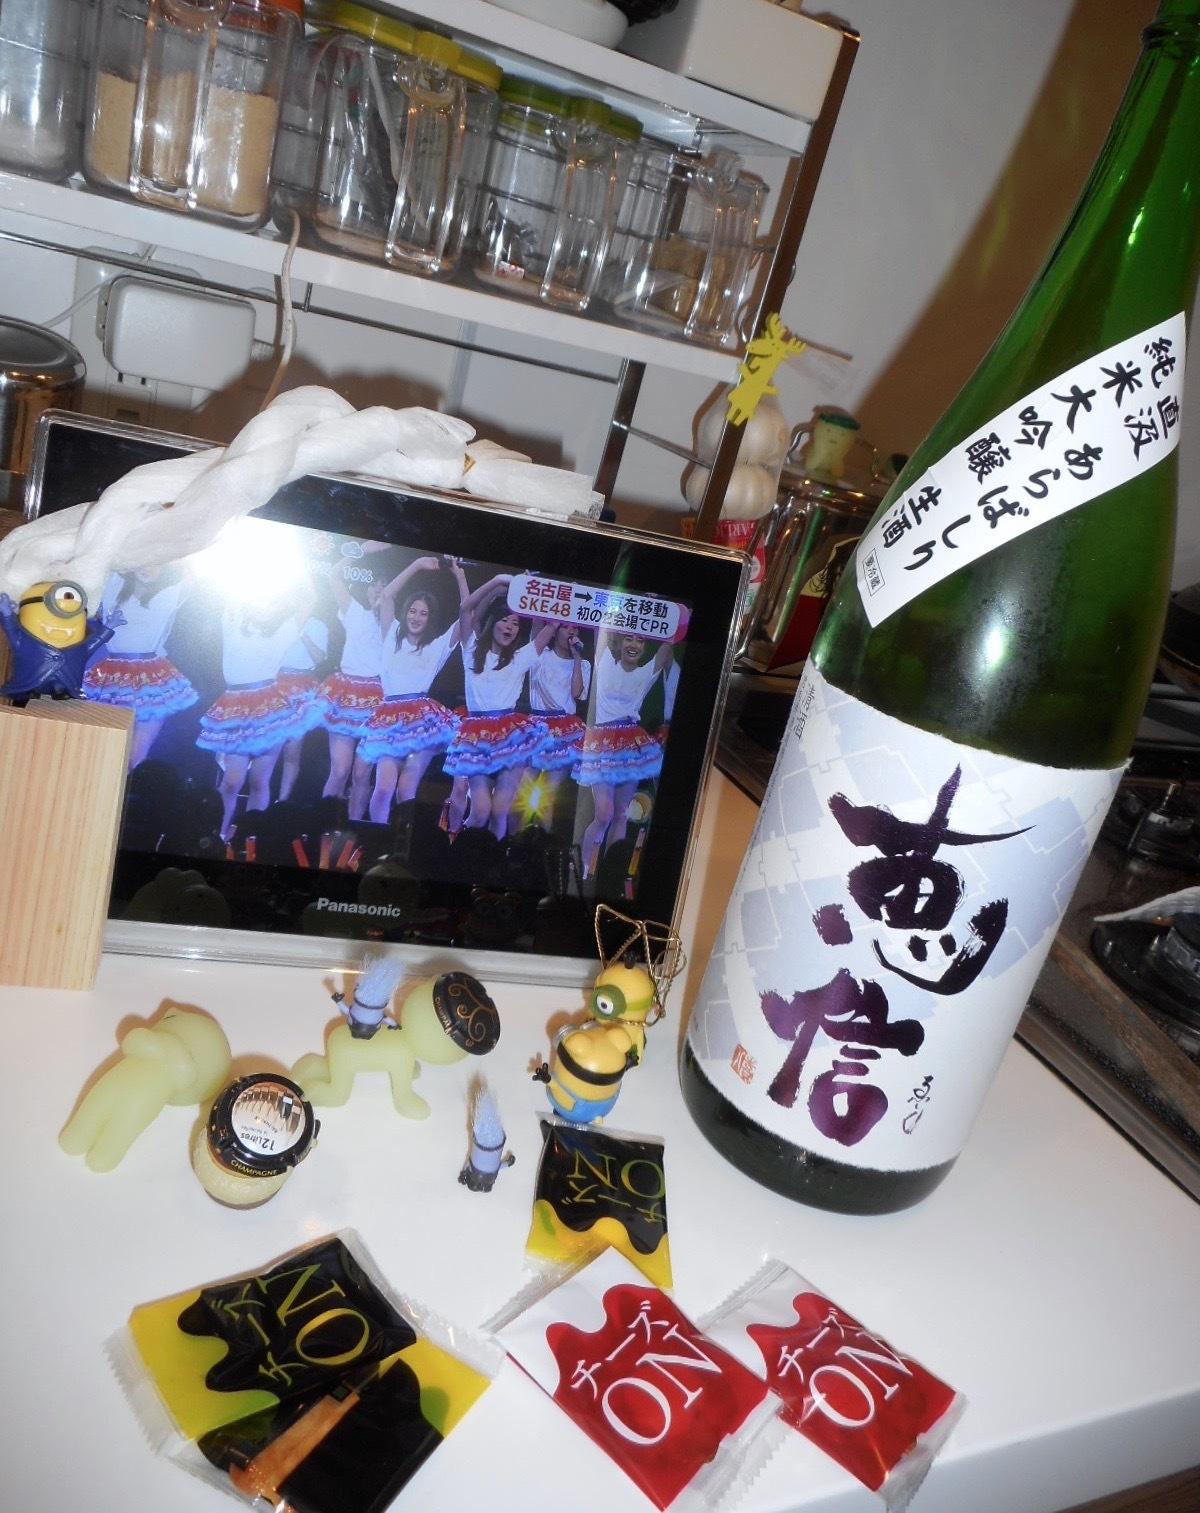 eishin_arabashiri28by15.jpg